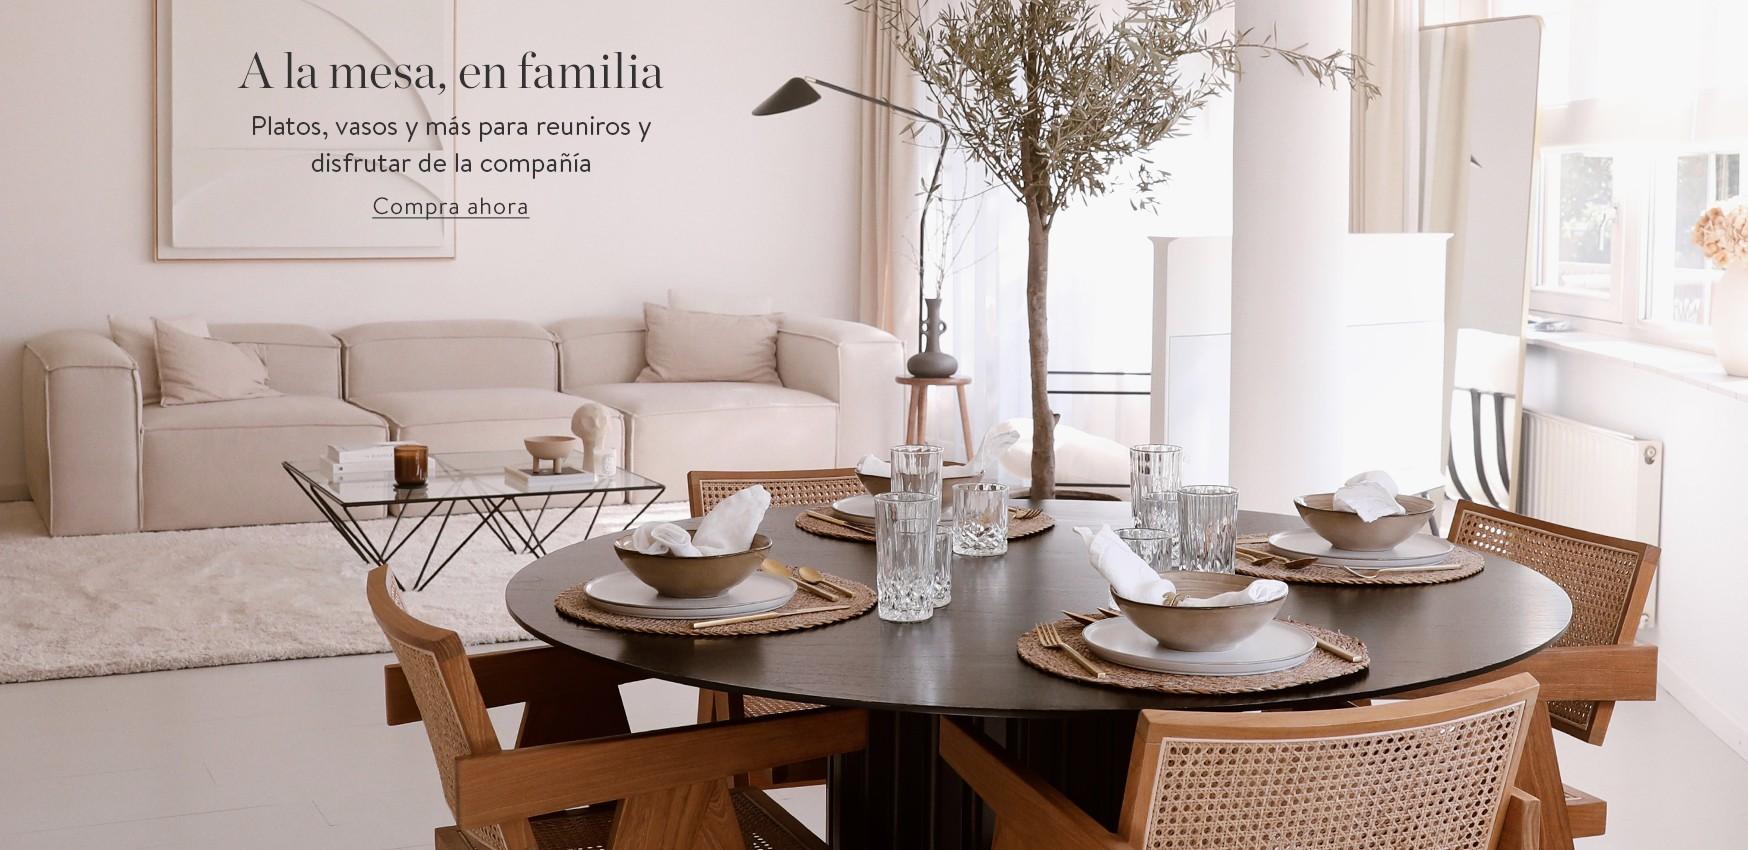 A la mesa, en familia Platos, vasos y más para reuniros y disfrutar de la compañía